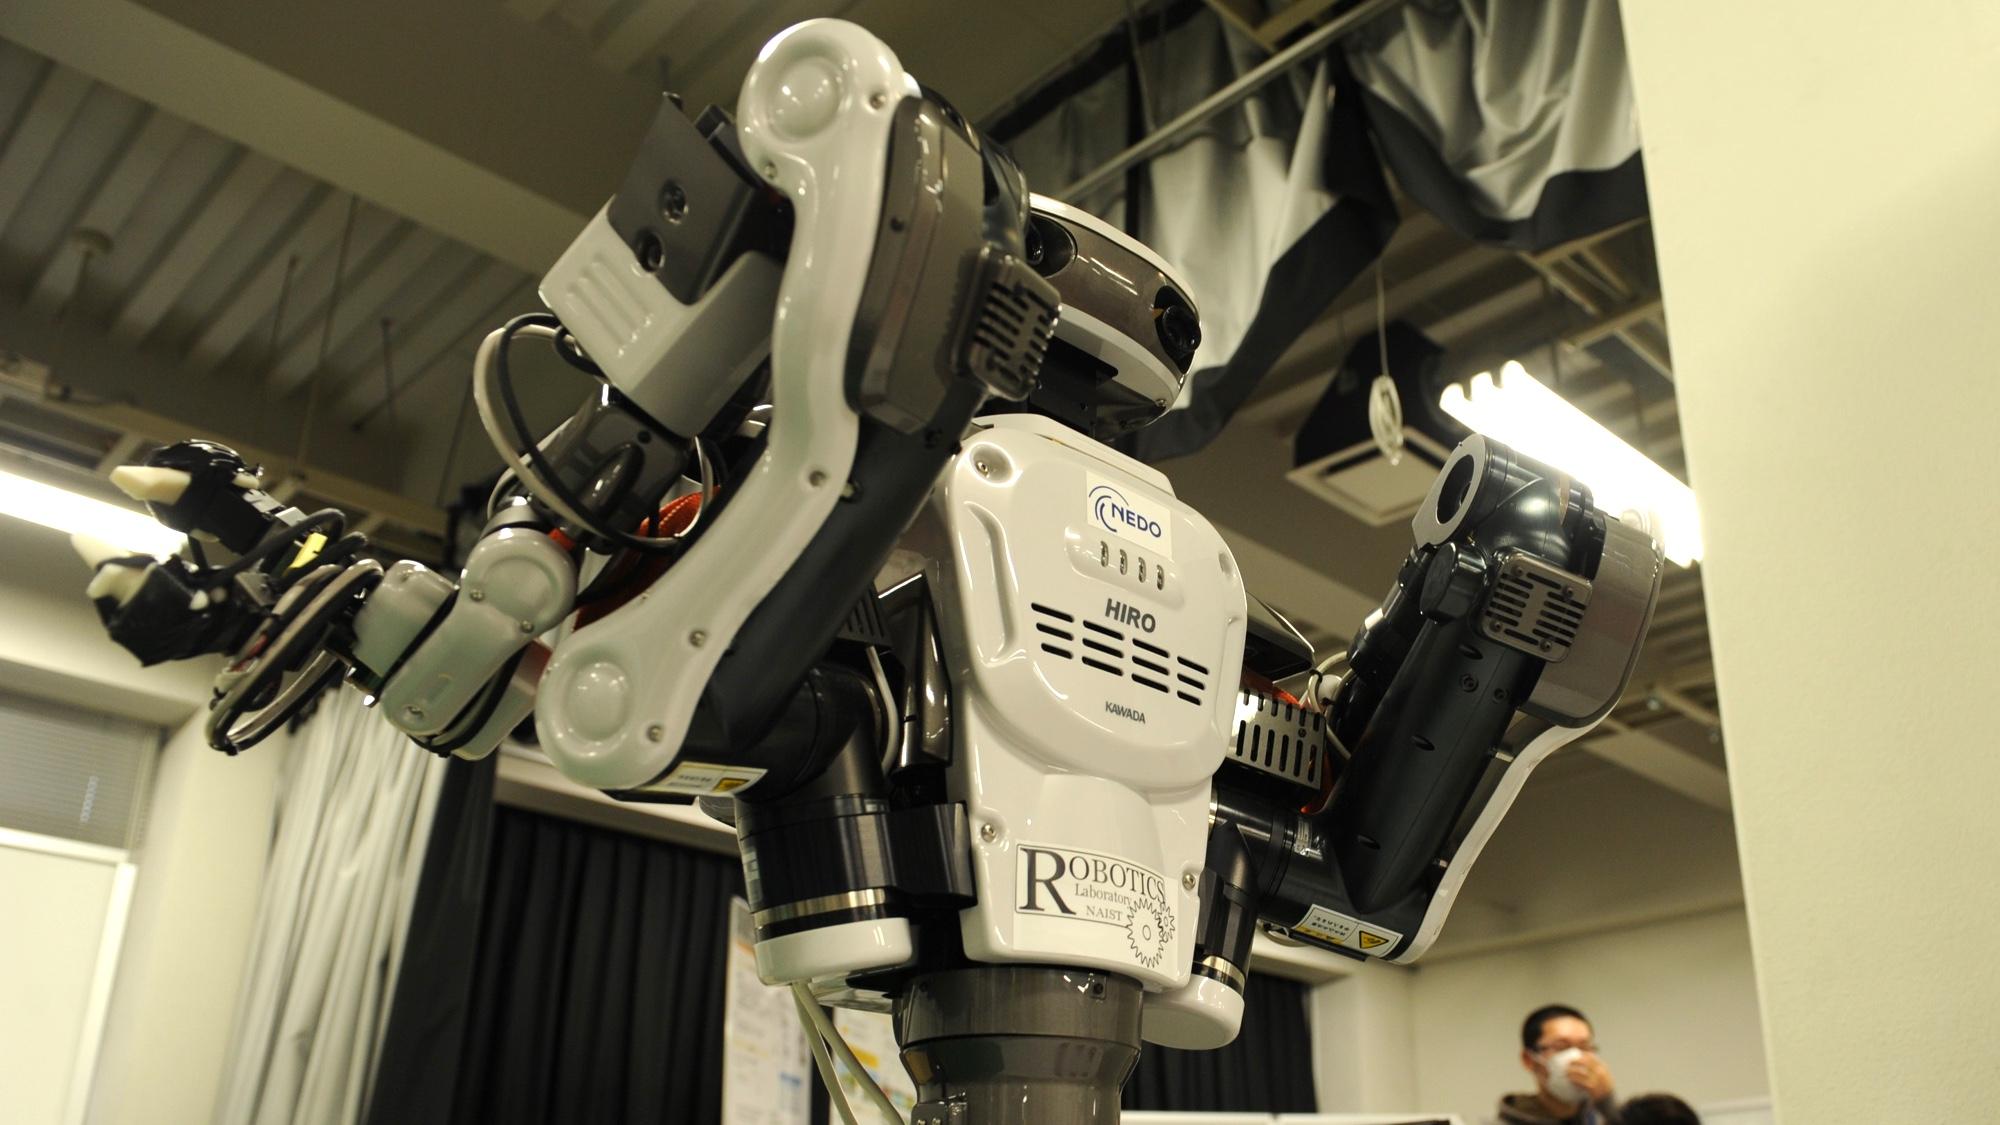 川田工業株式会社のロボットHIRO。ロボティクス研究室にて撮影。